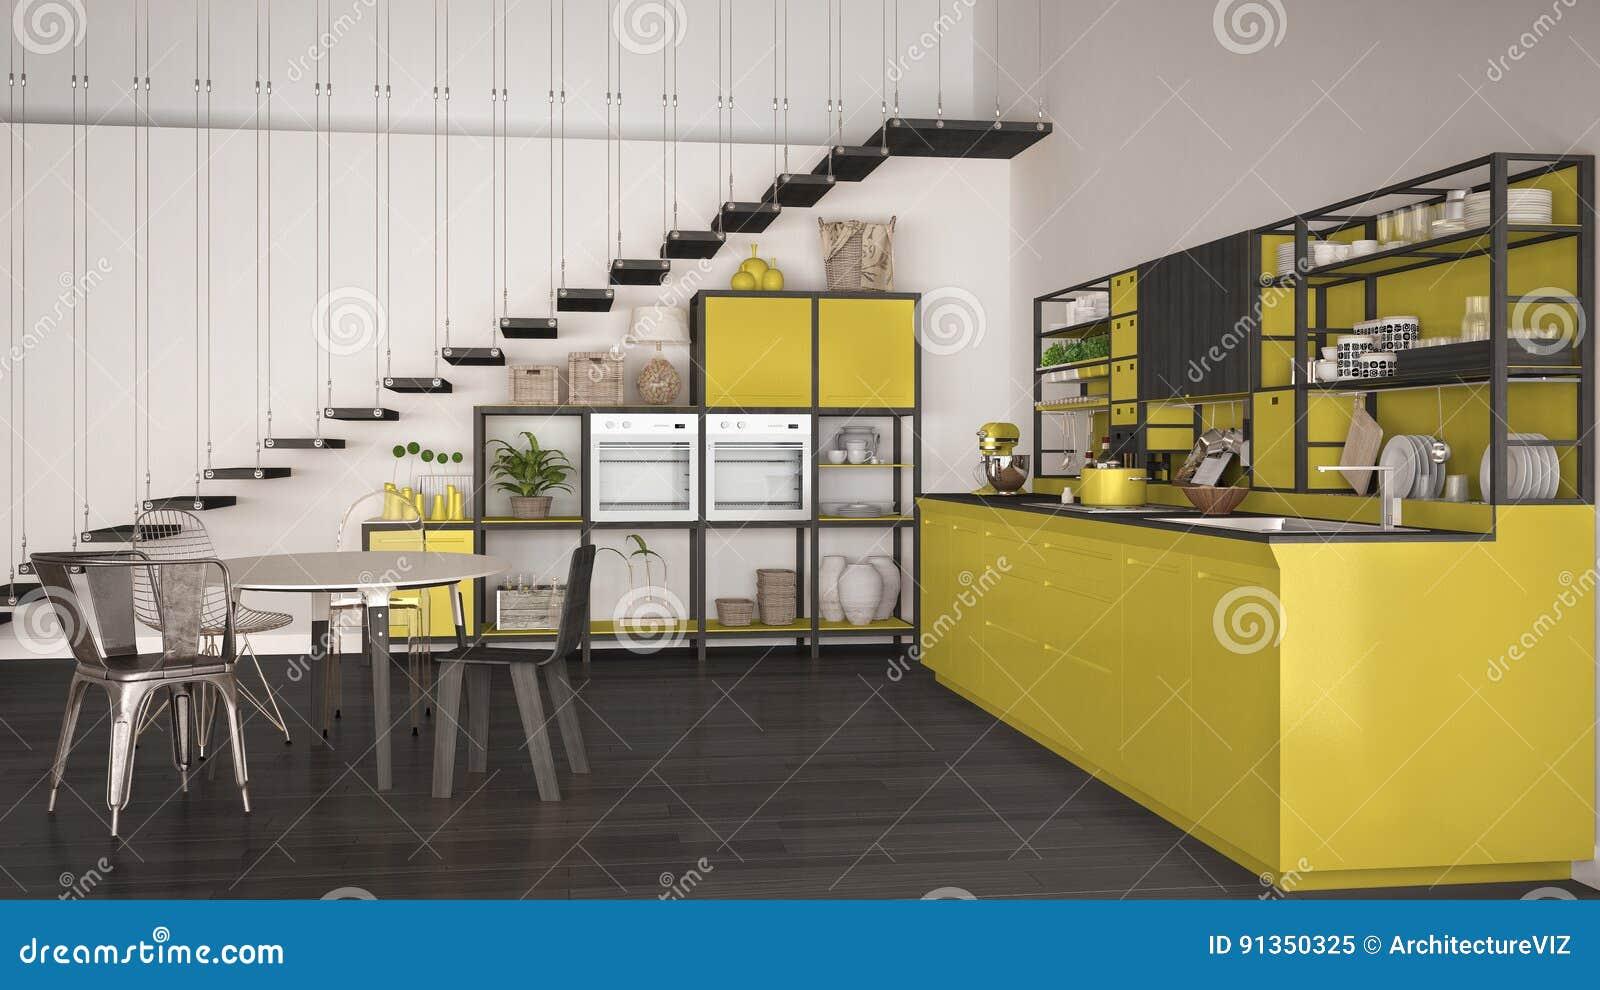 Minimalistyczna Biala I Zolta Drewniana Kuchnia Loft Z Schodkami